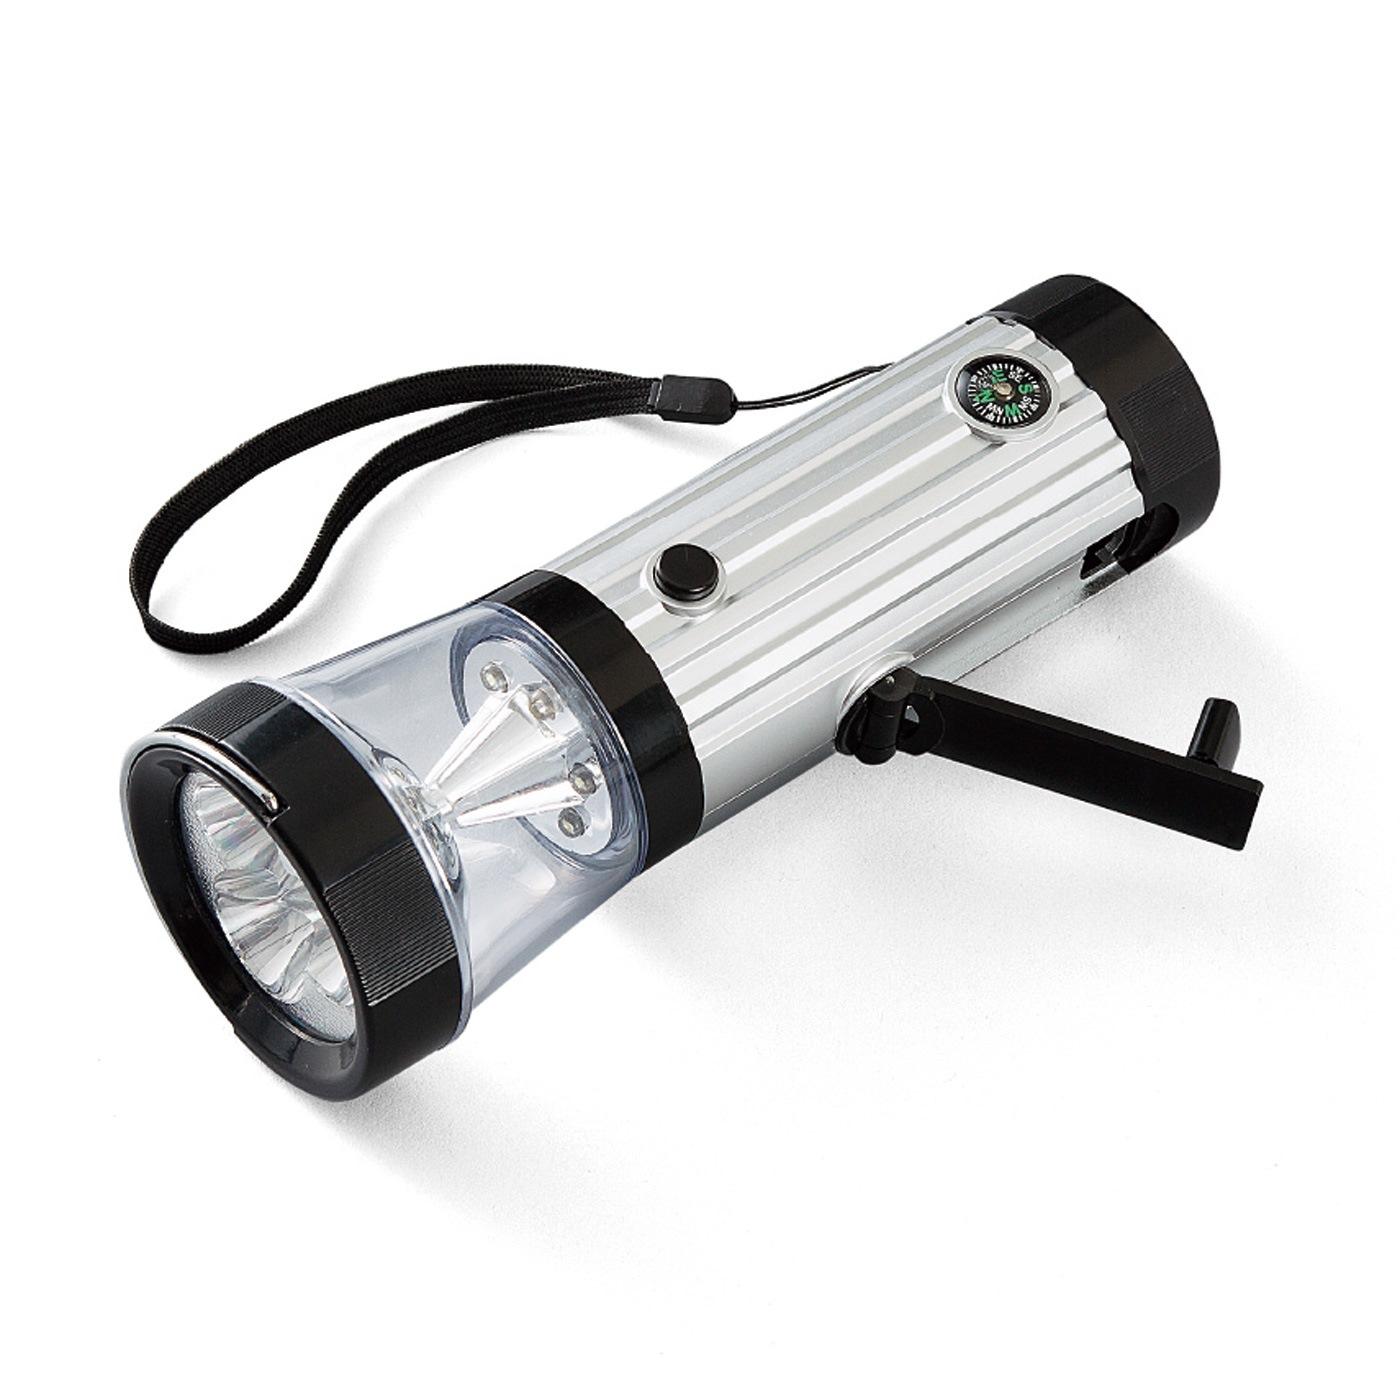 LEDダイナモライト1個 ■素材/ABS樹脂 電球:LED リチウム充電池:3.6V  80mAh ■サイズ/長さ約17.5cm、直径約6.2cm